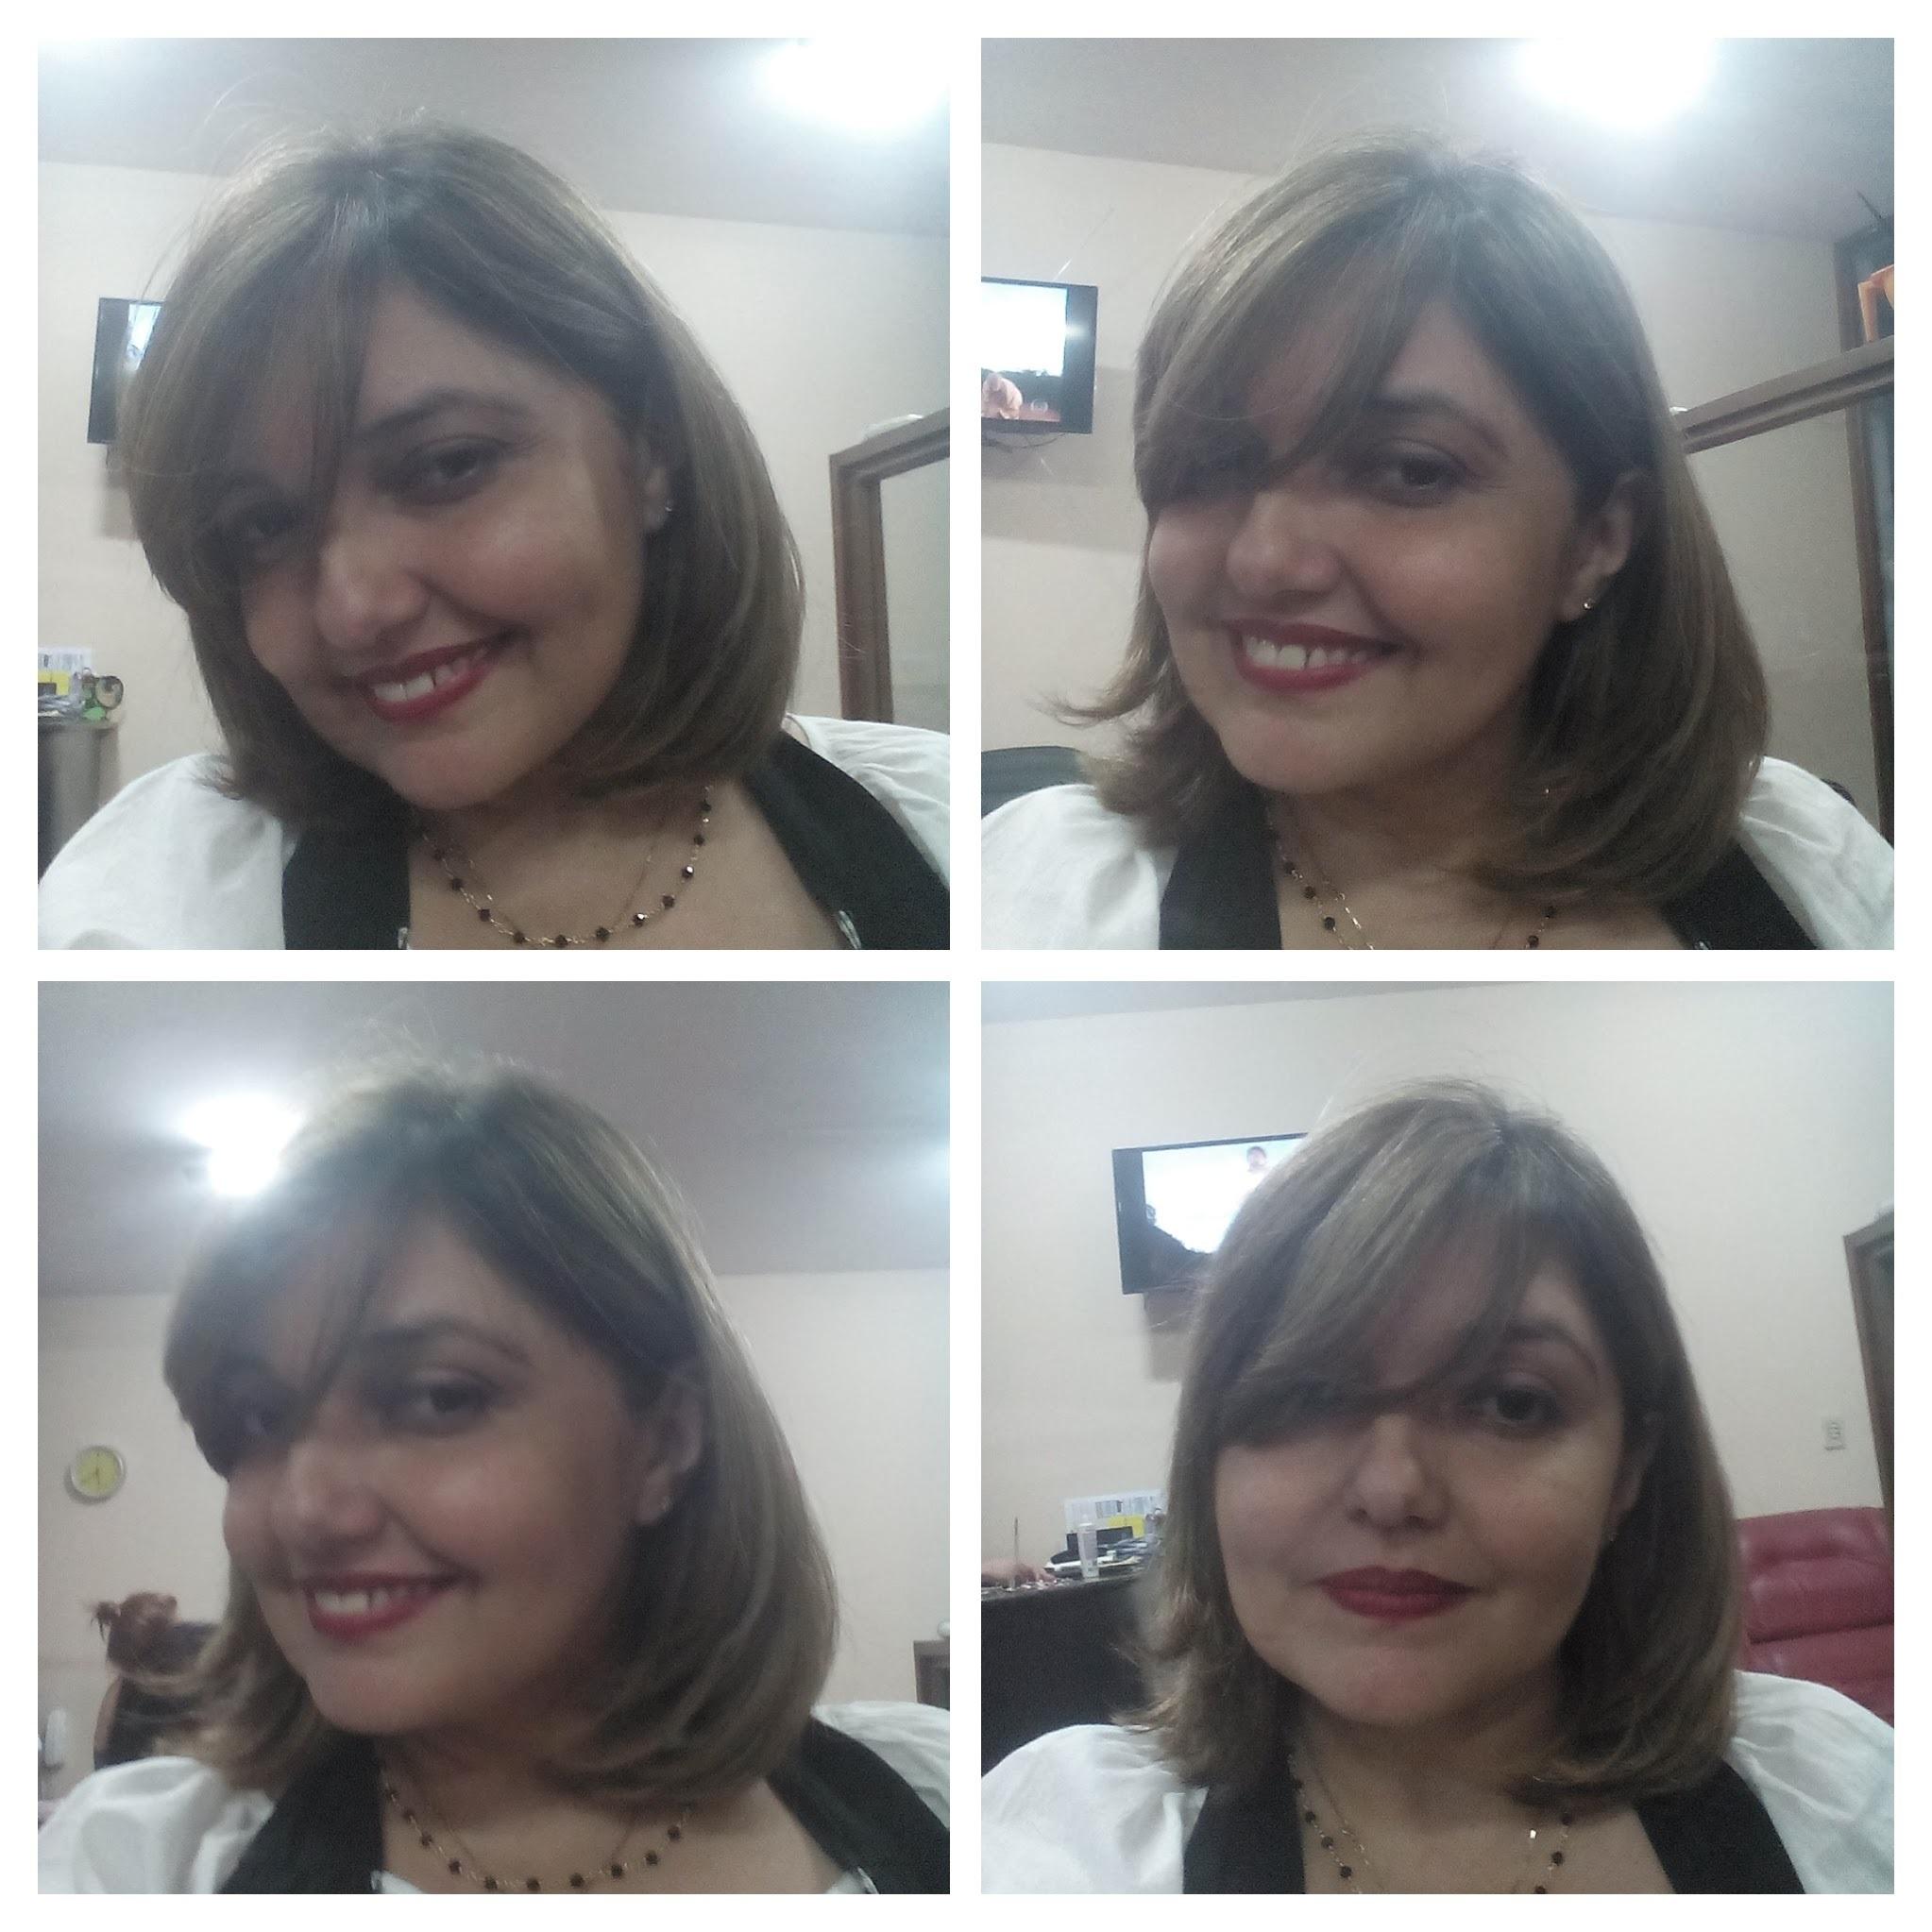 chanel morderninho empresário(a) / dono de negócio cabeleireiro(a) designer de sobrancelhas maquiador(a) micropigmentador(a) visagista